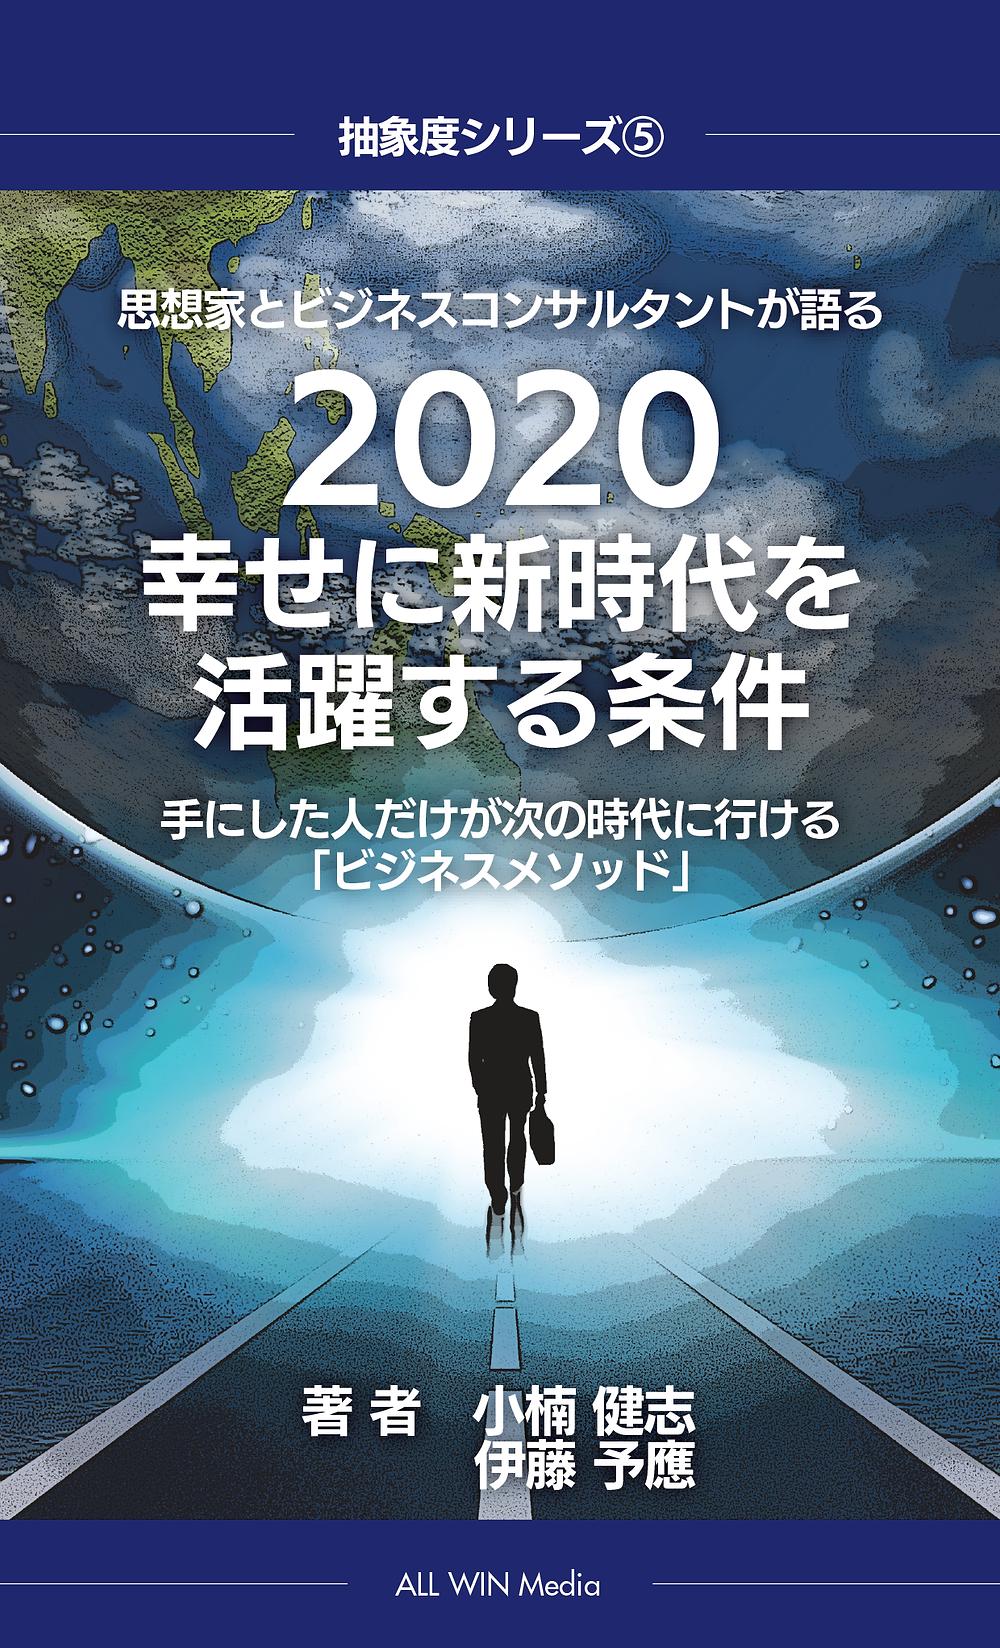 2020 幸せに新時代を活躍する条件